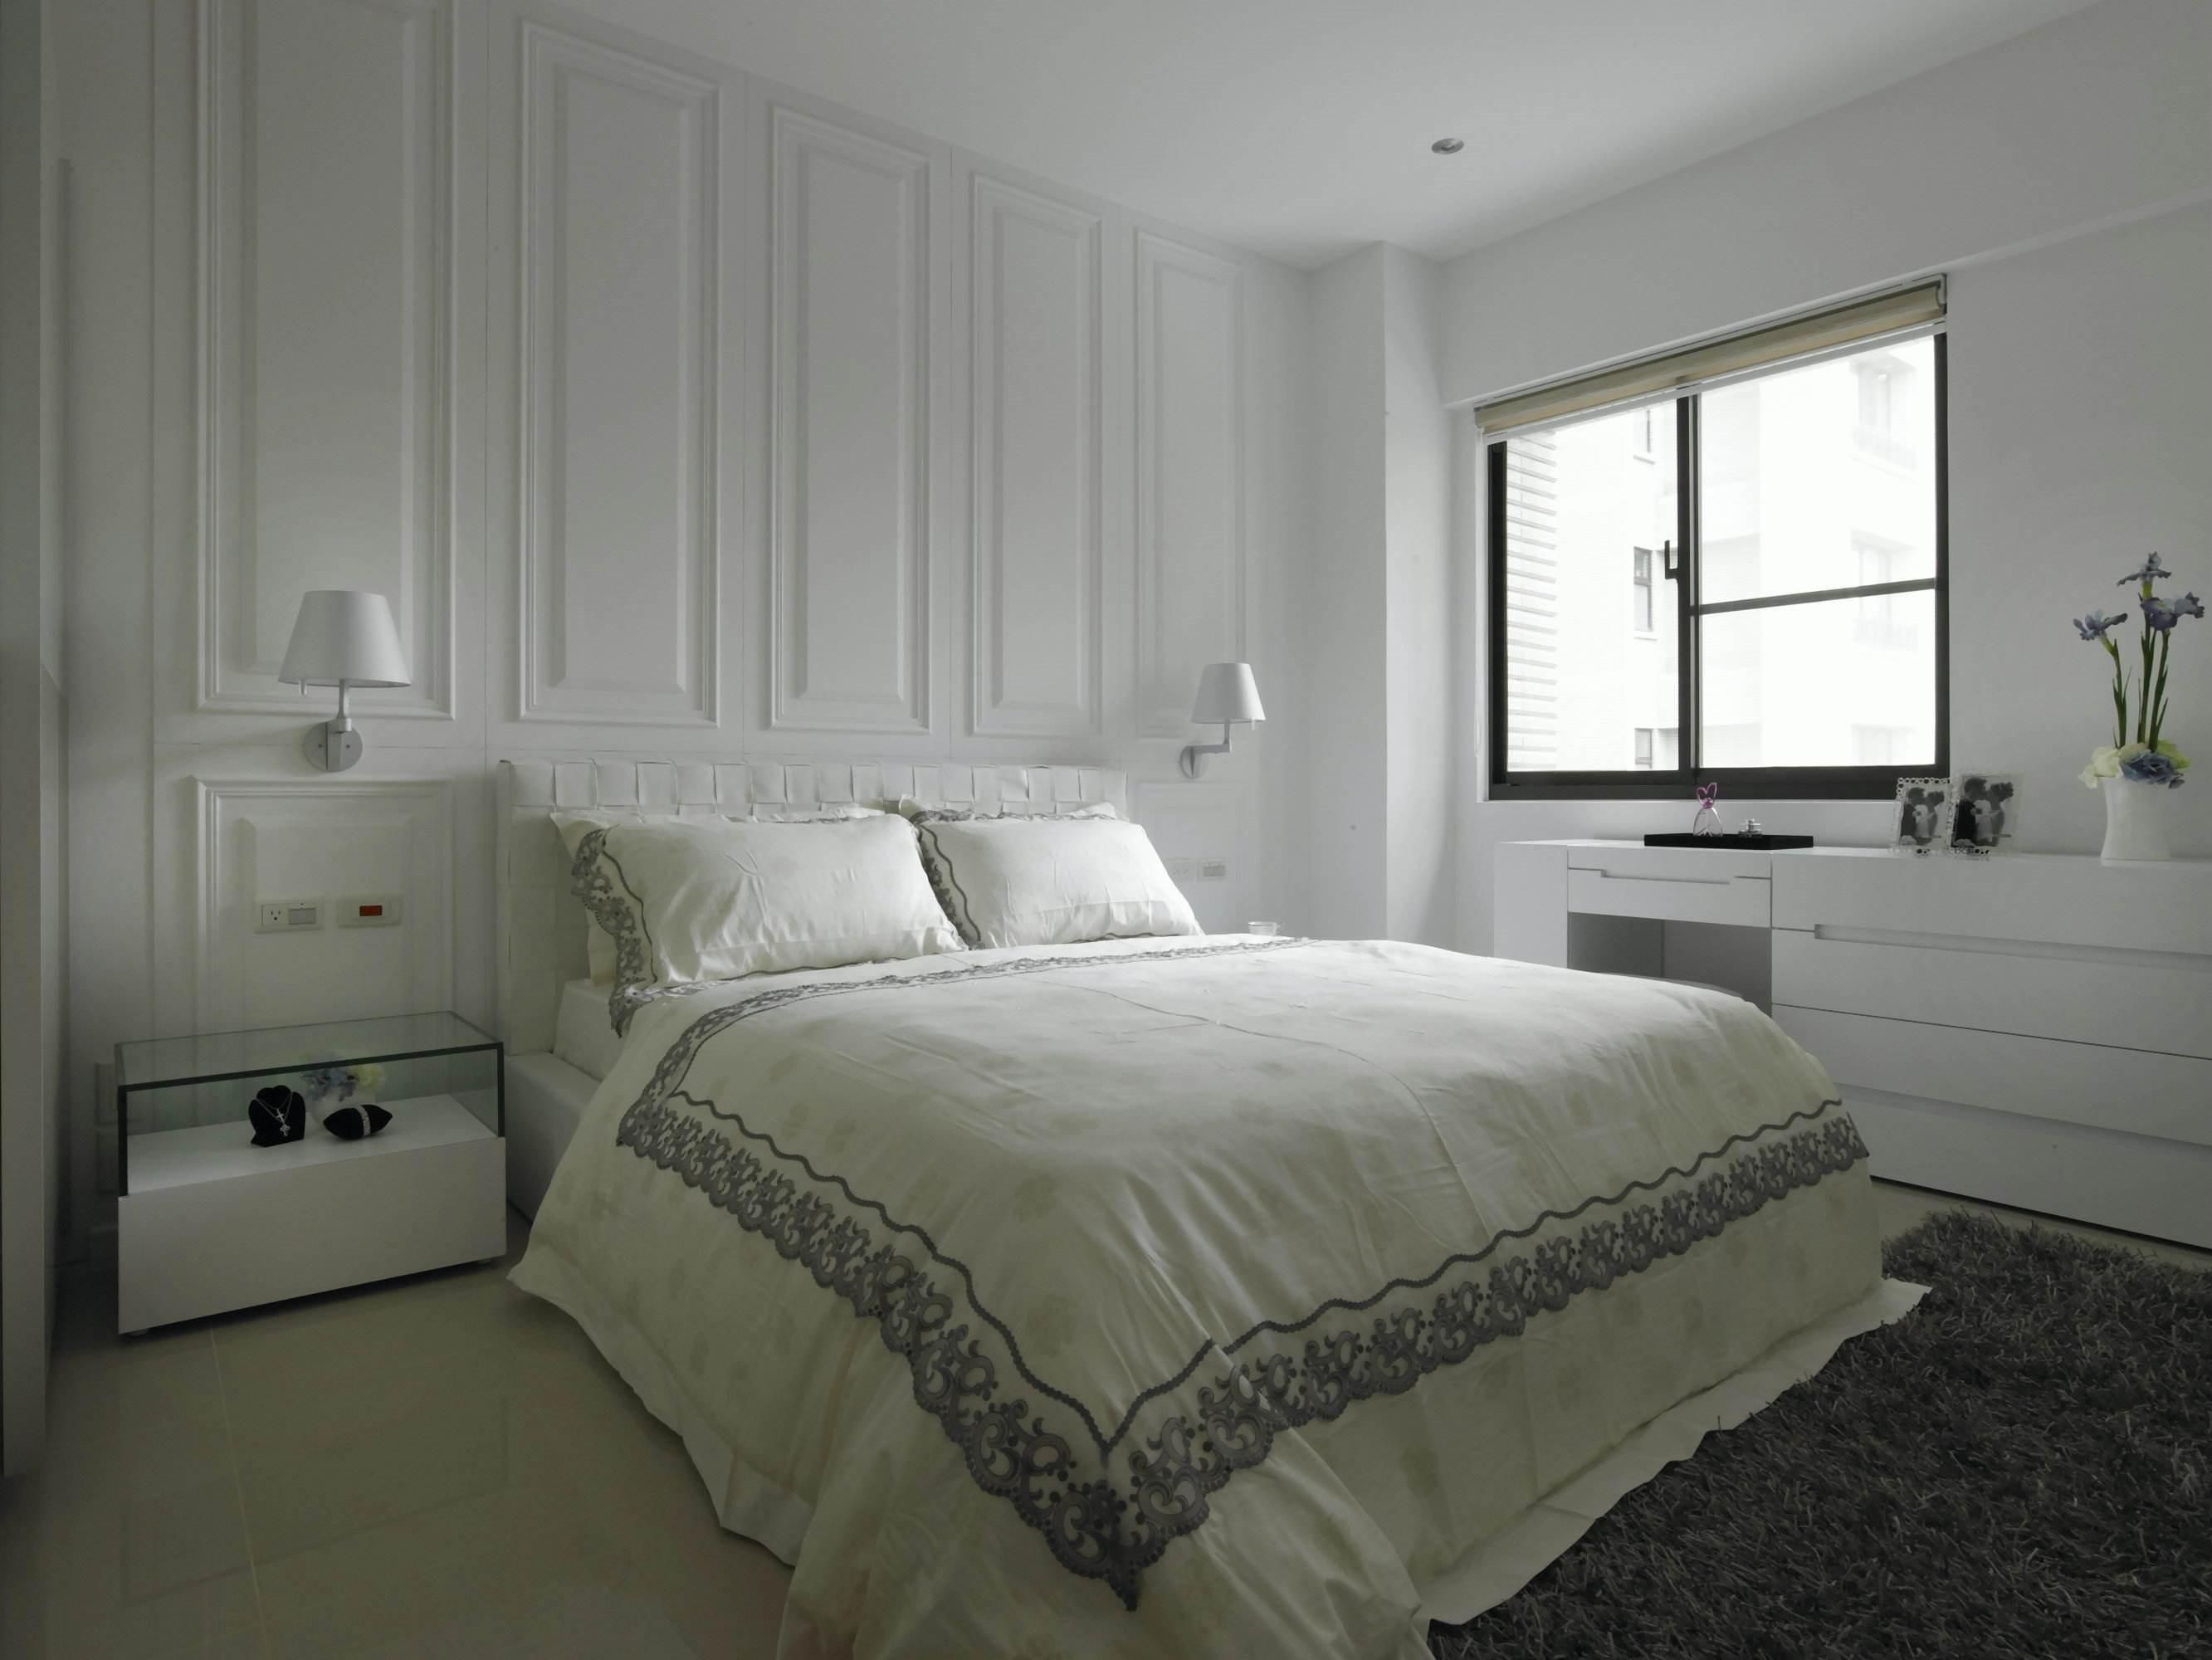 白色纯净简约现代风格卧室背景墙效果图